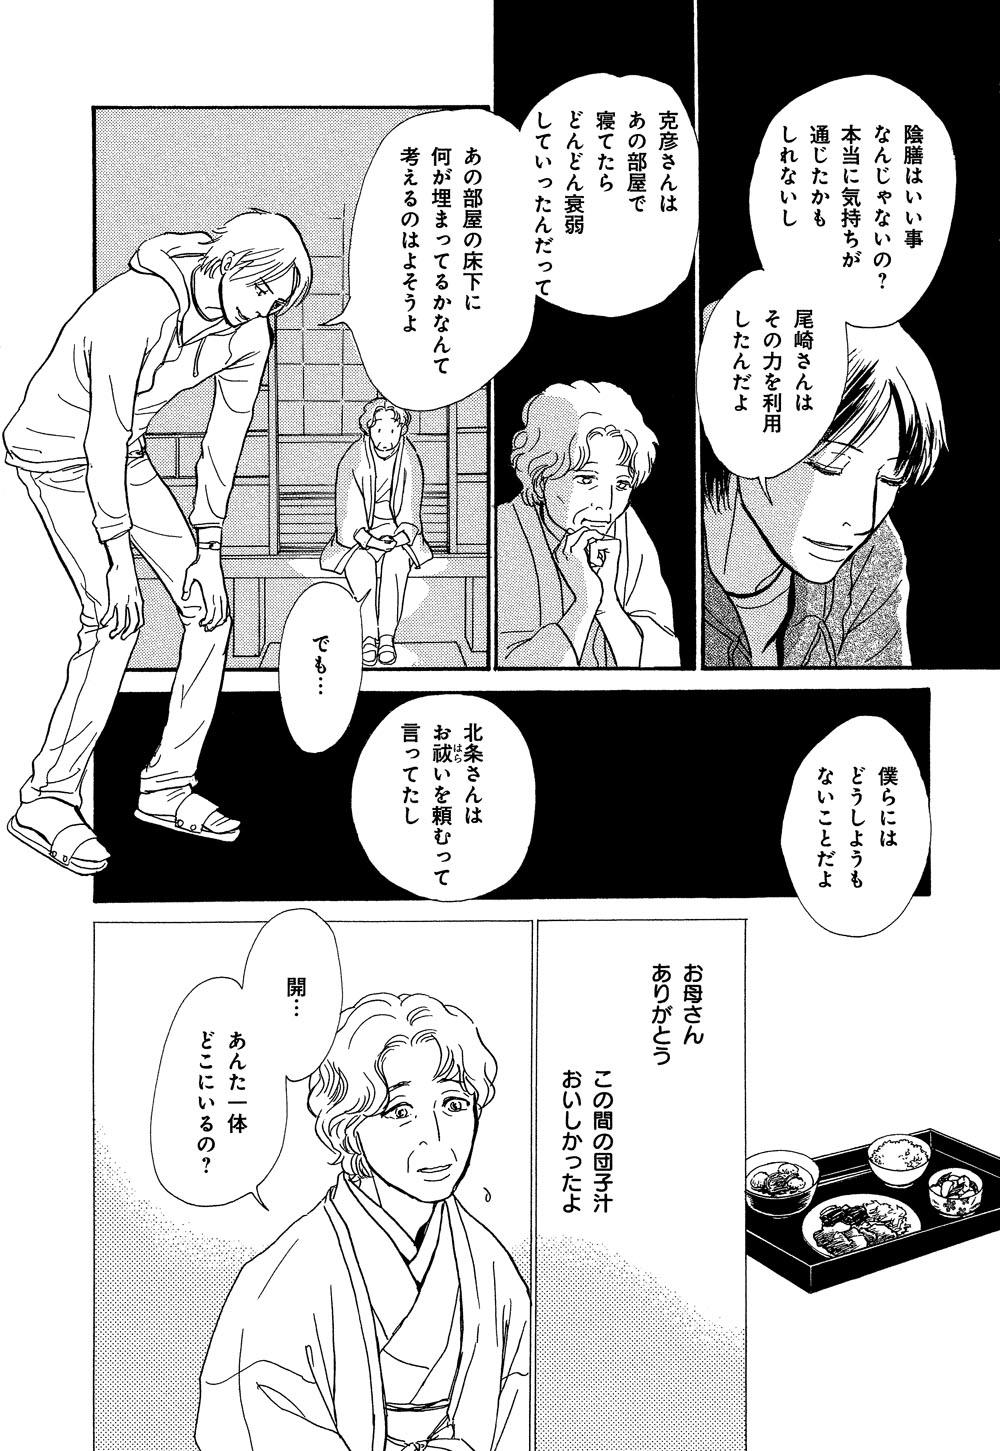 hyakki_0021_0034.jpg